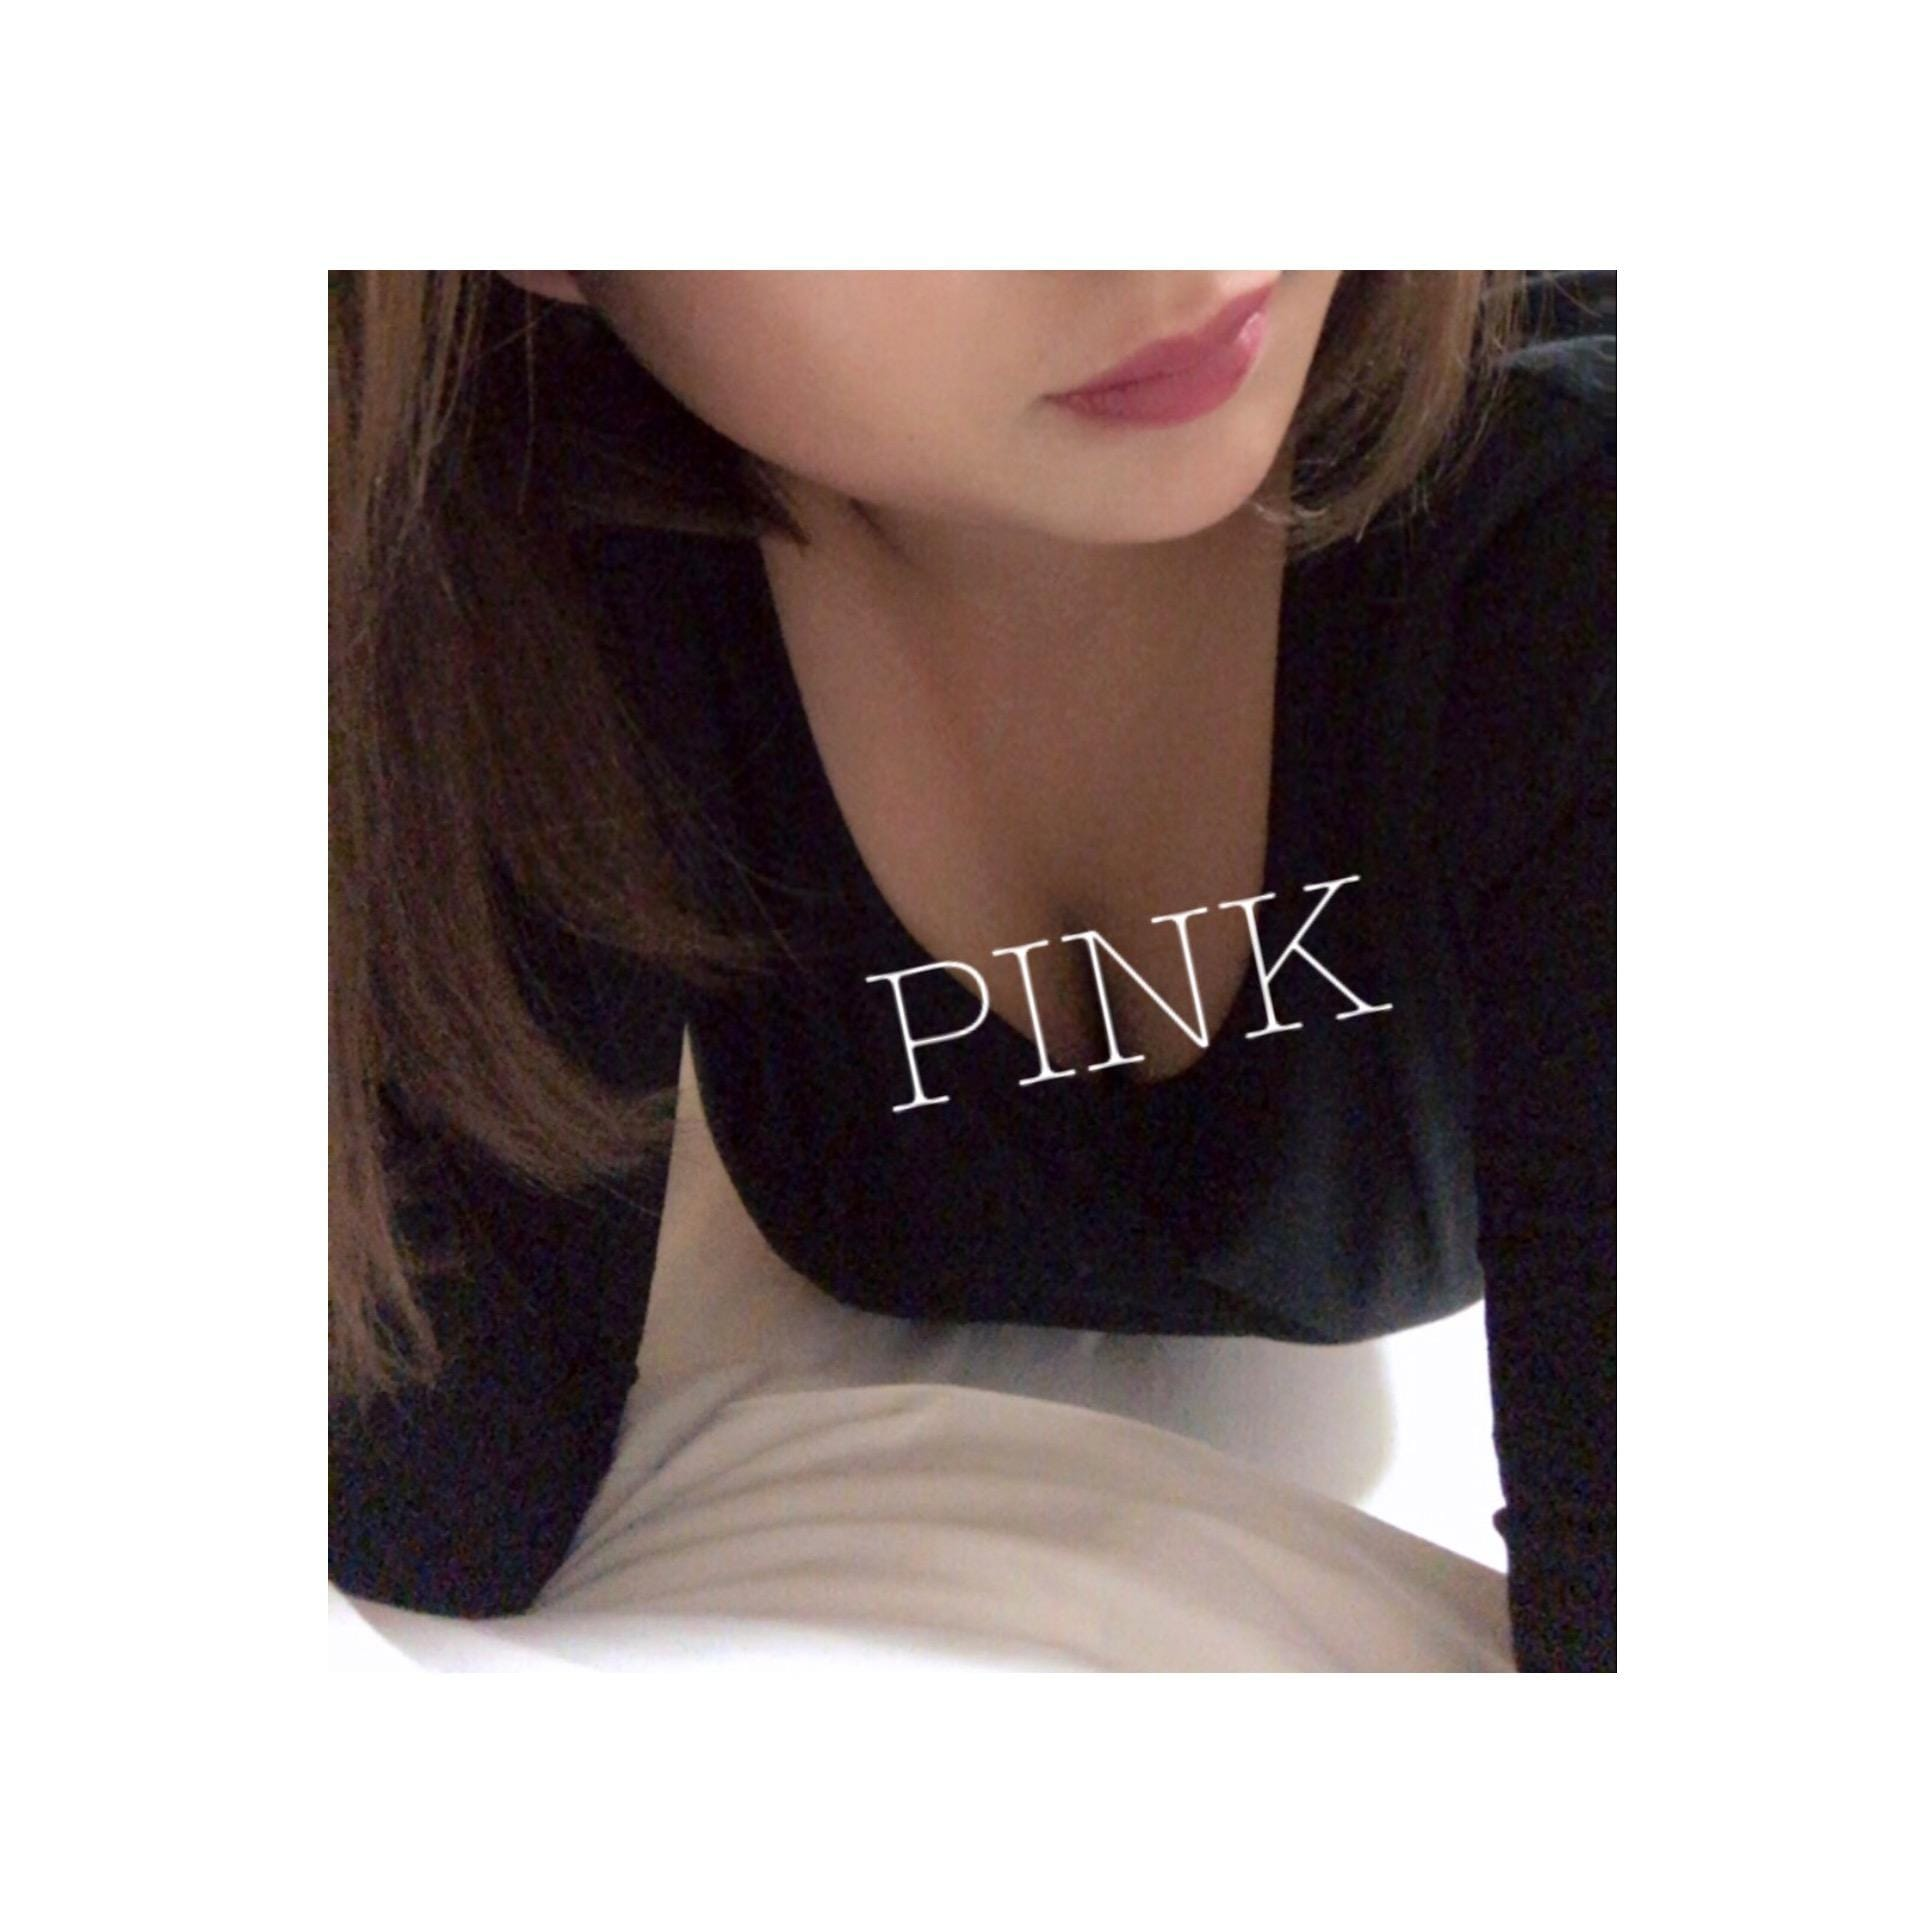 ぴんく「出勤♡」05/19(土) 15:53 | ぴんくの写メ・風俗動画